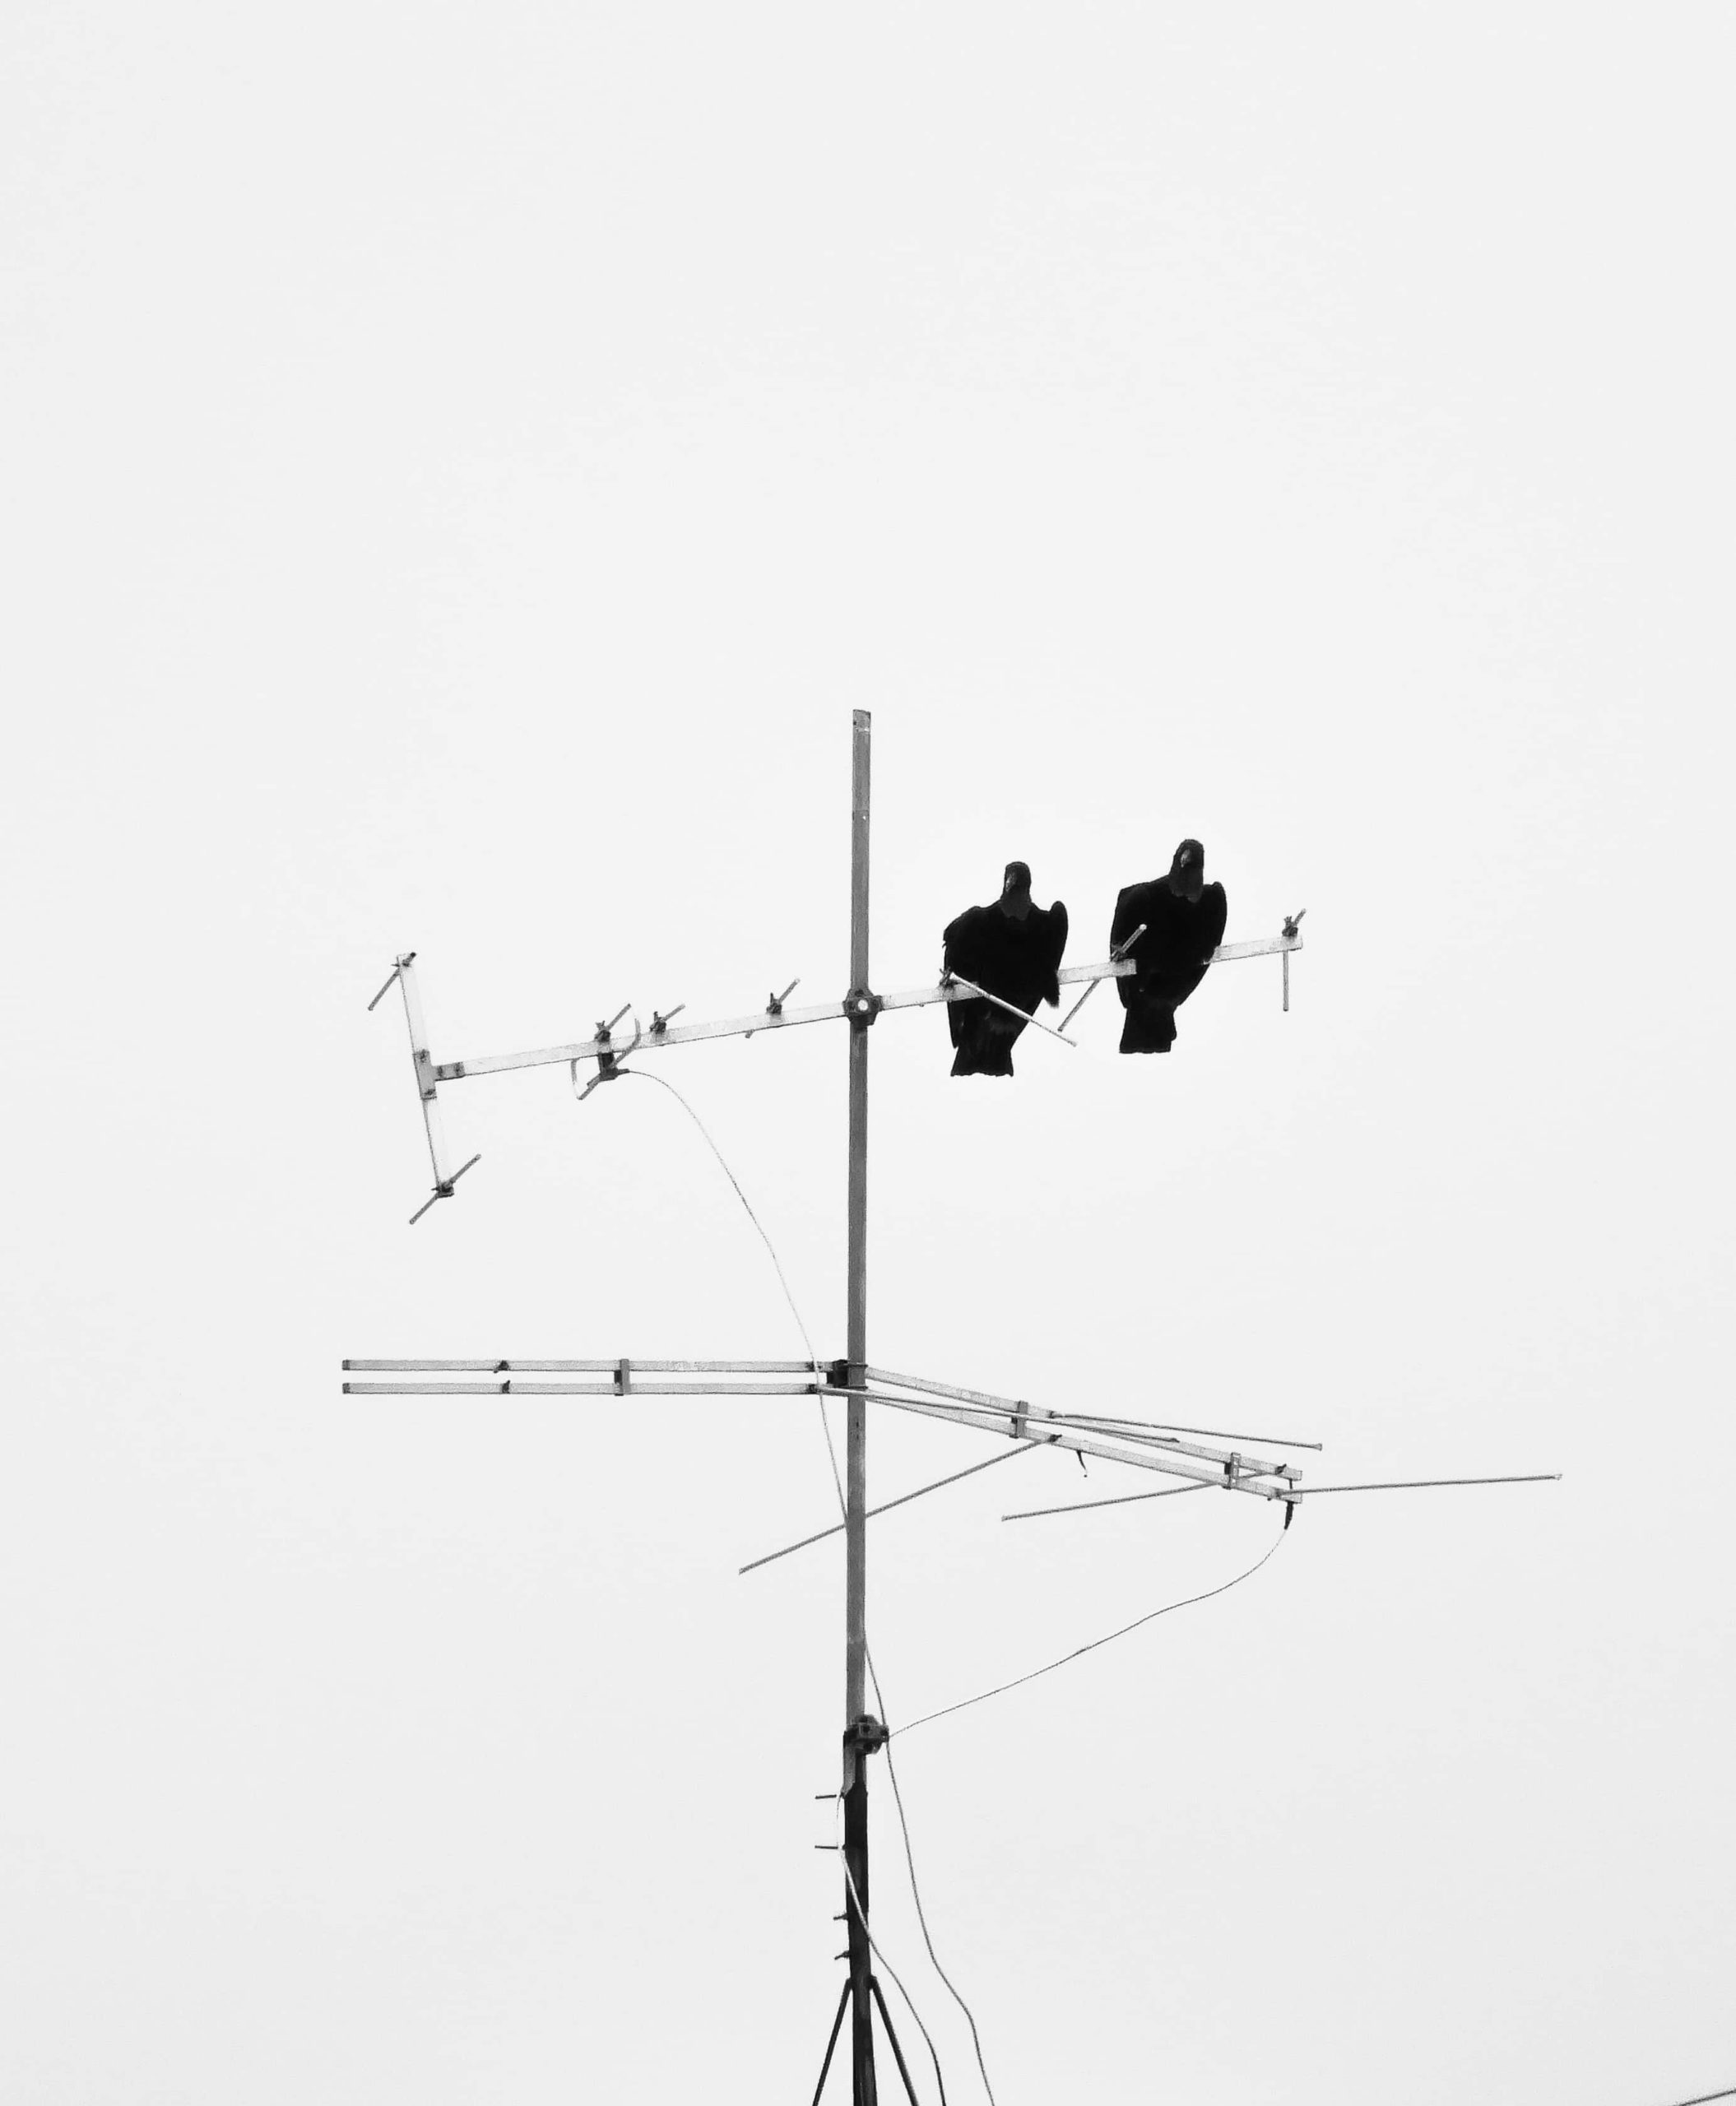 ¿Cómo funciona la antena del televisor? por antenas.me